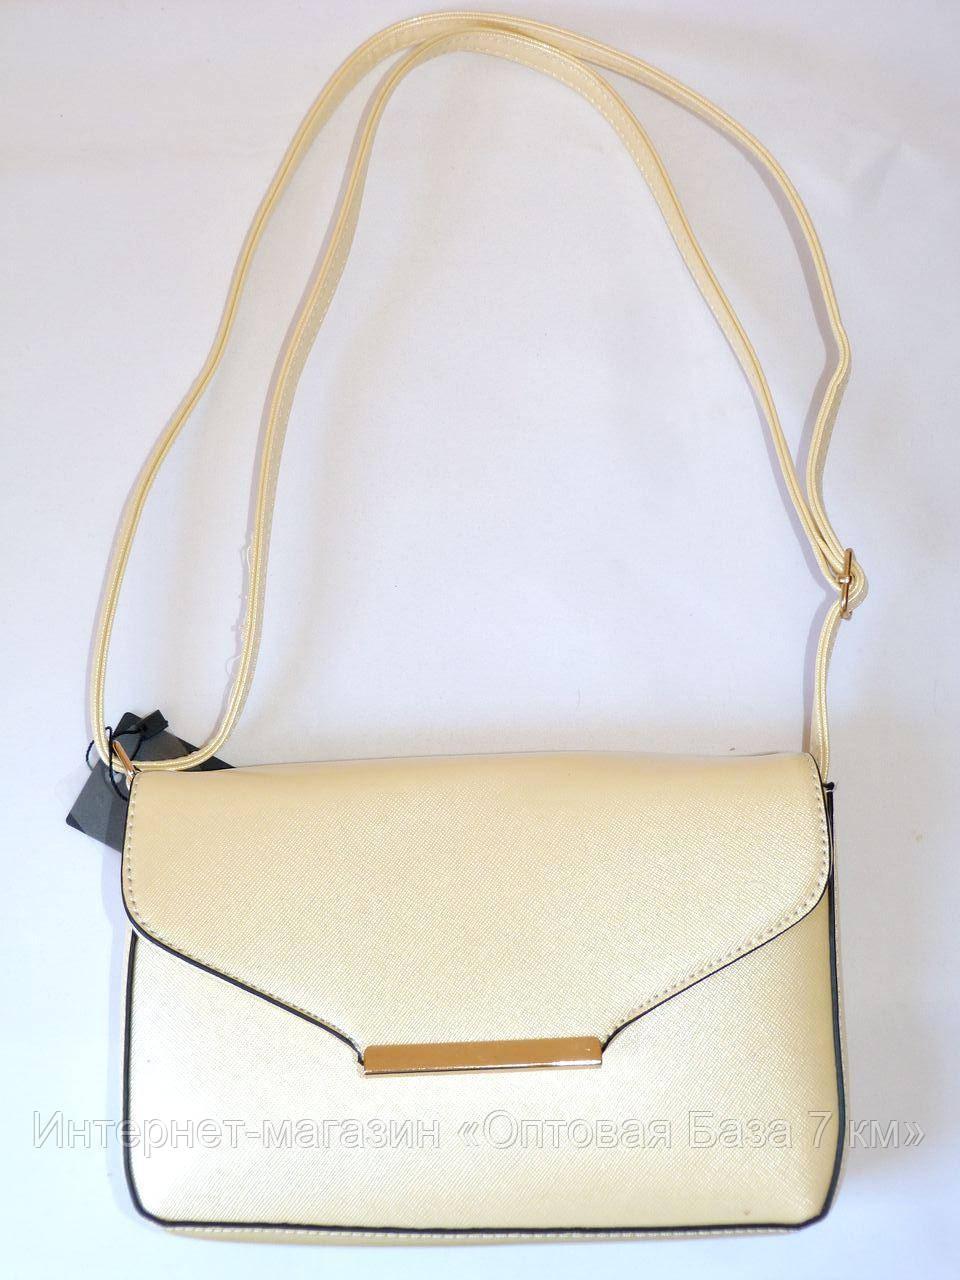 4c934f43f27b Женская сумка - клатч B13 (24*16*4)—купить оптом недорого 7км в ...